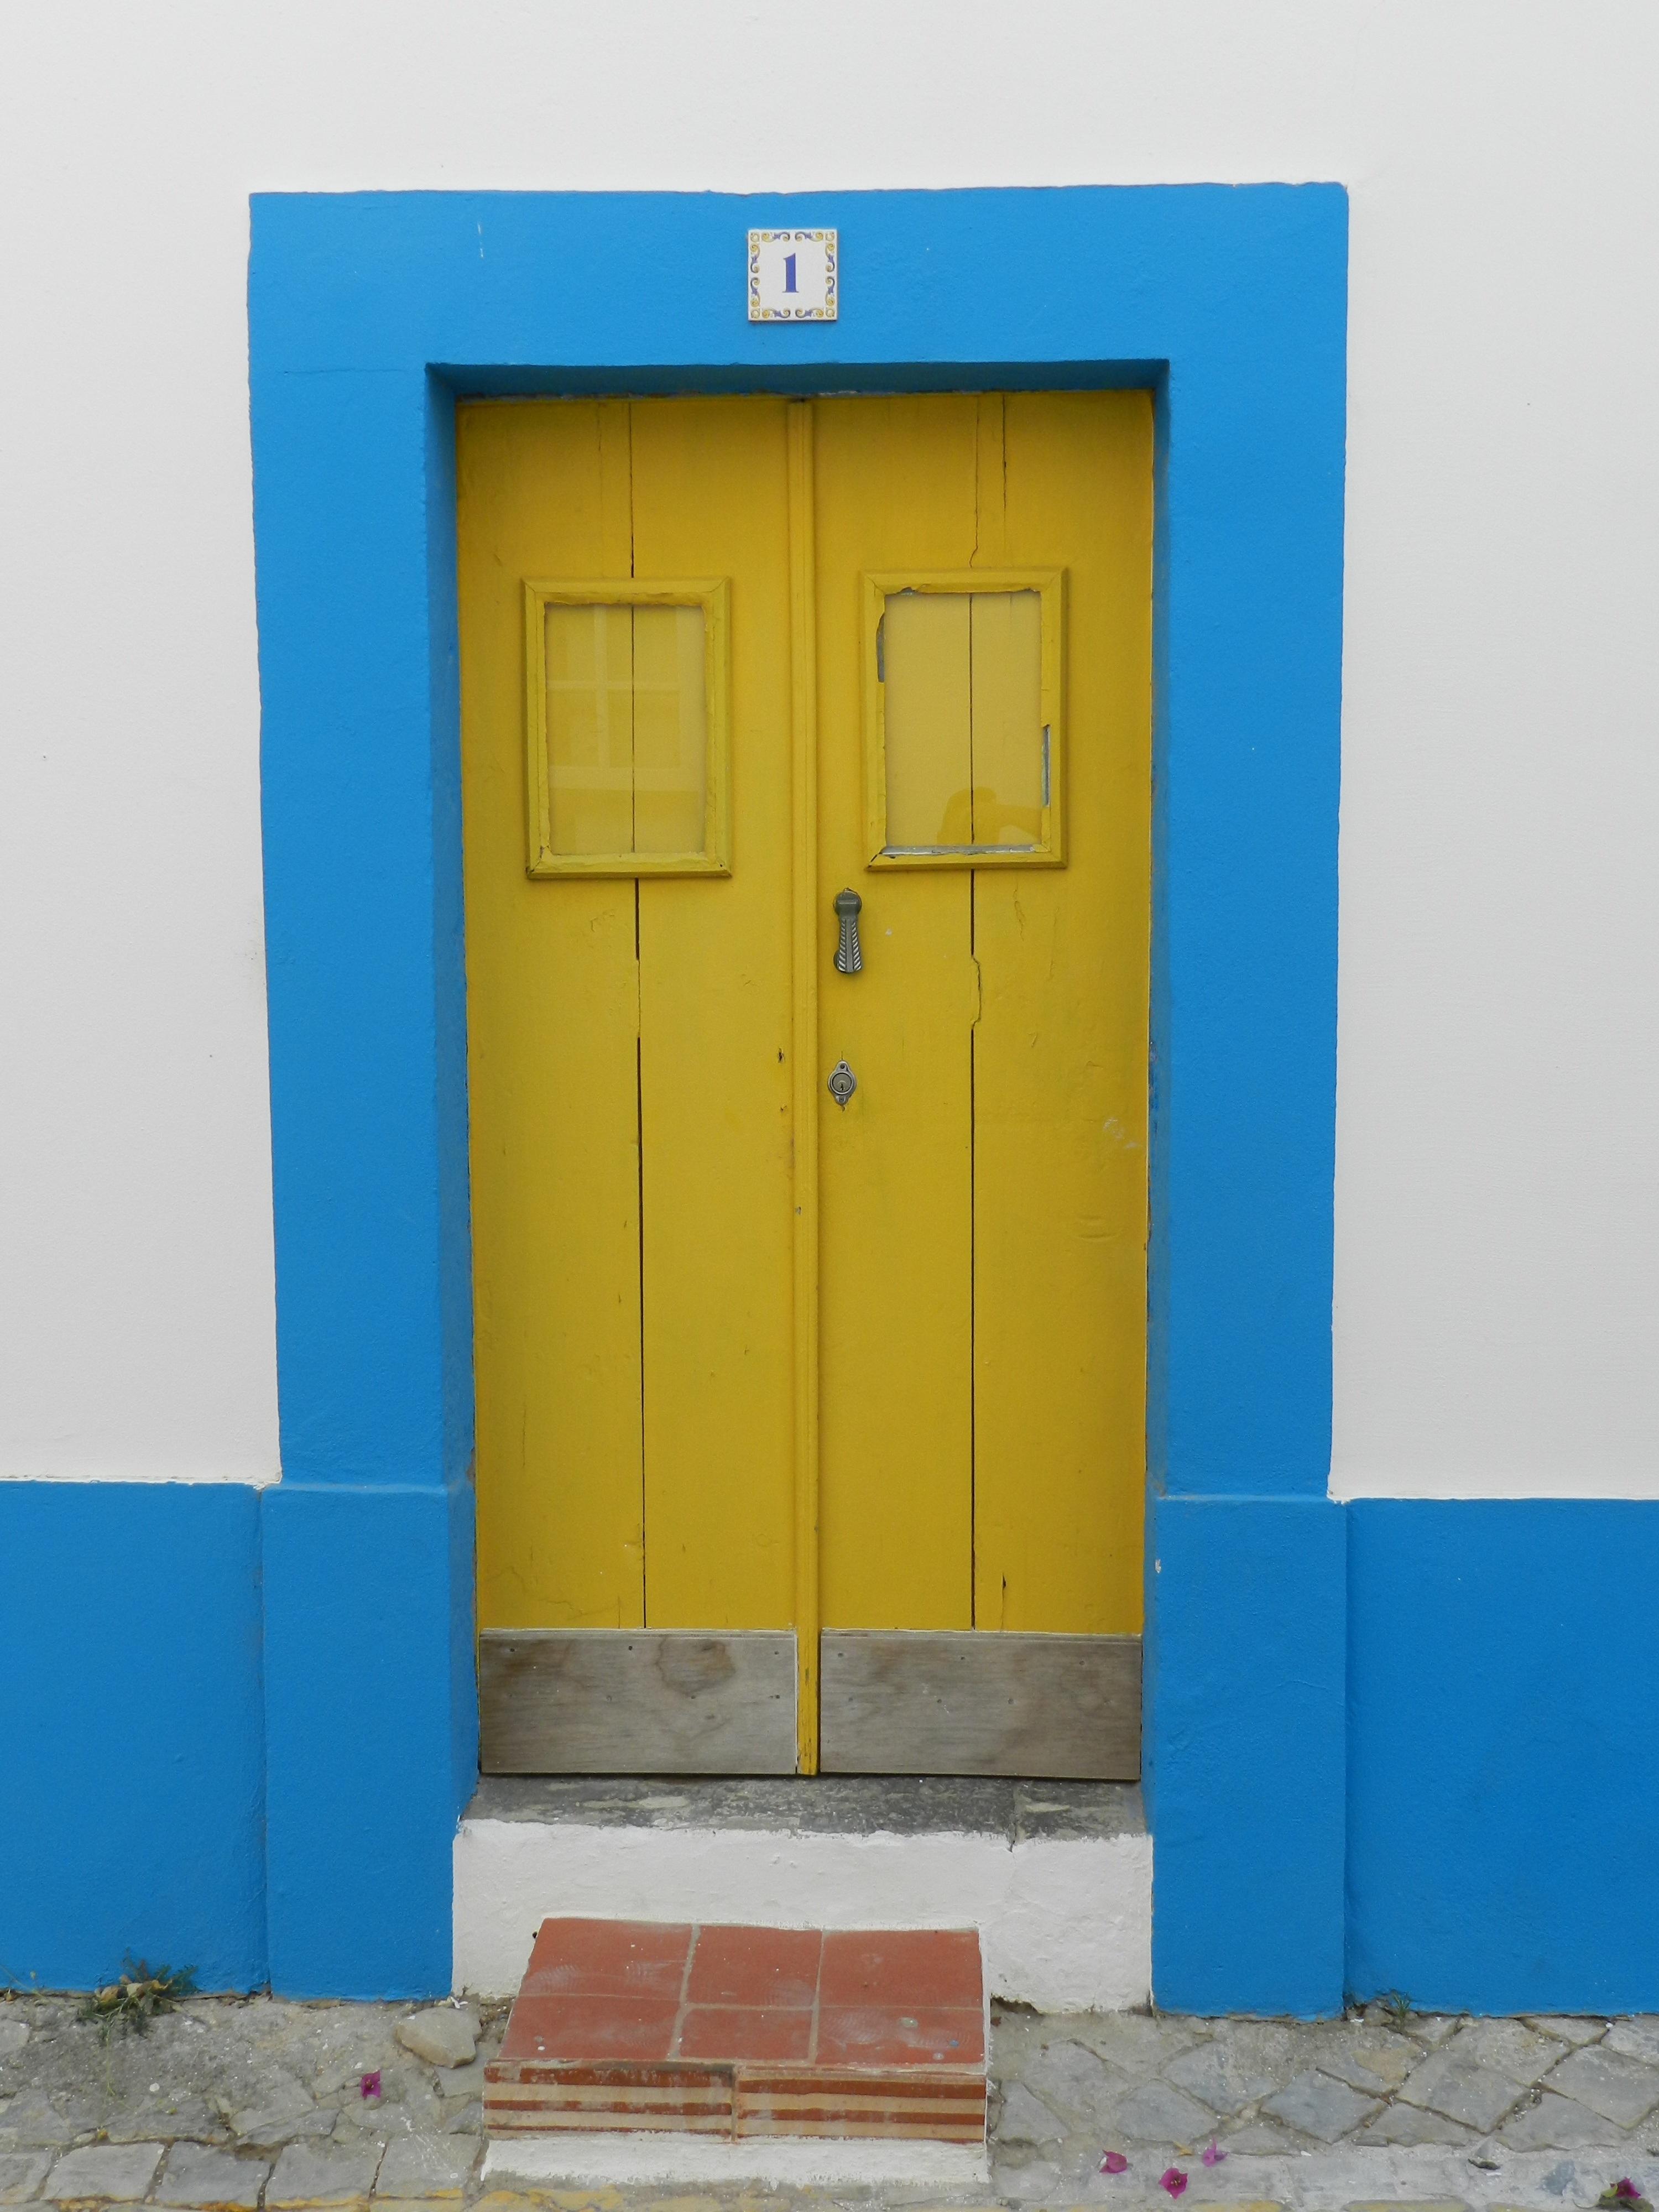 Images Gratuites Architecture Maison Mur Couleur Fa Ade  # Meuble Jaune